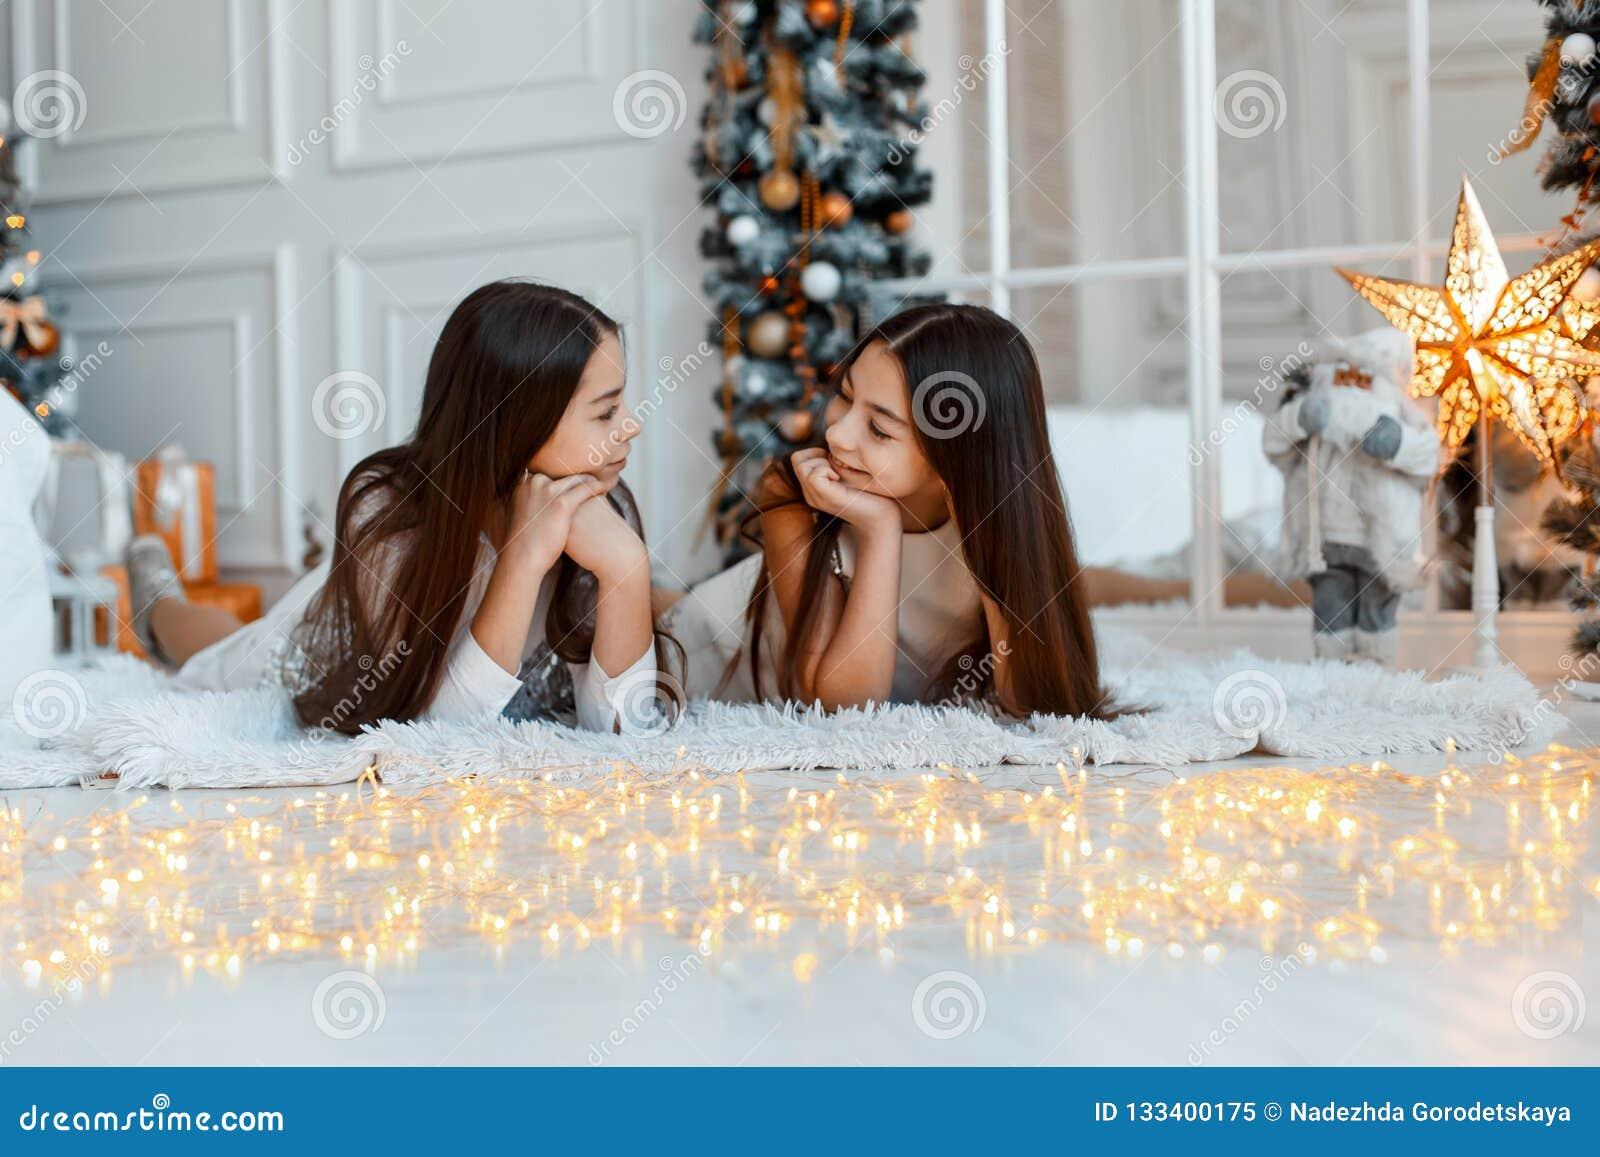 Δίδυμα κοριτσιών μπροστά από fir-tree Νέα παραμονή έτους ` s Χριστούγεννα Άνετες διακοπές fir-tree με τα φω τα